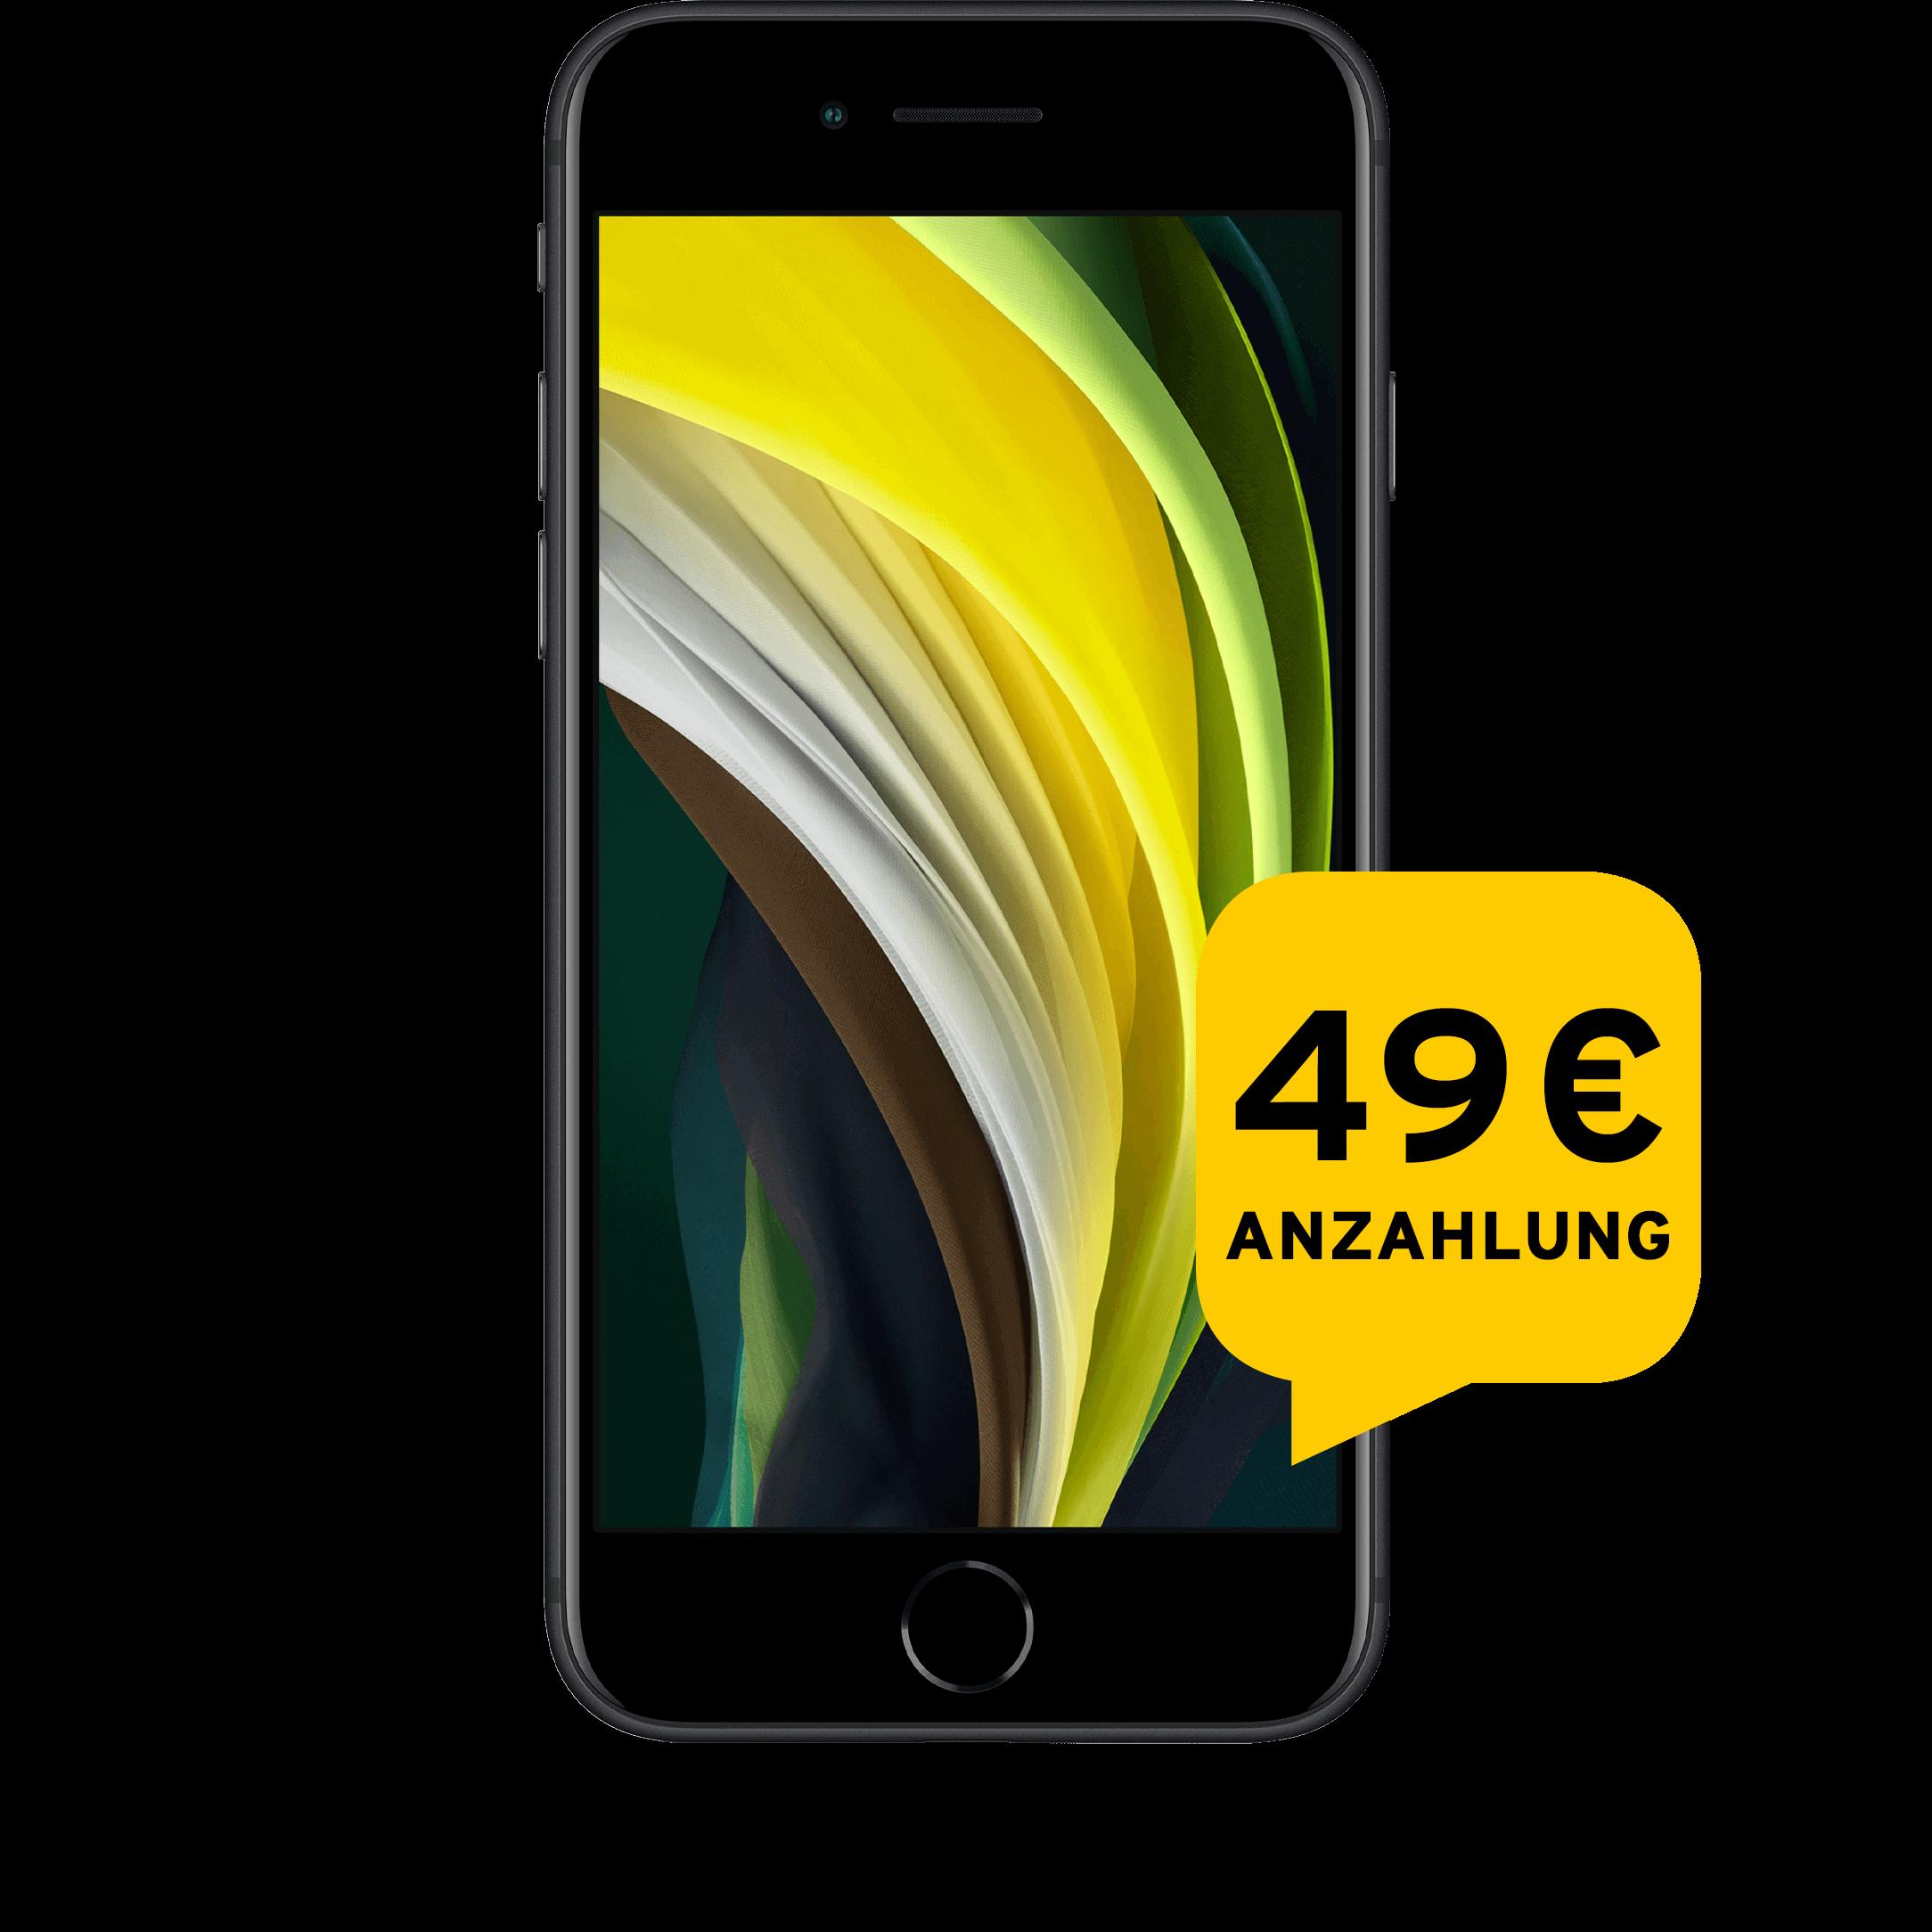 Günstig Kaufen beim Preisvergleich-Apple iPhone SE 2020 64 GB schwarz Aktion mit Allnet Flat Plus